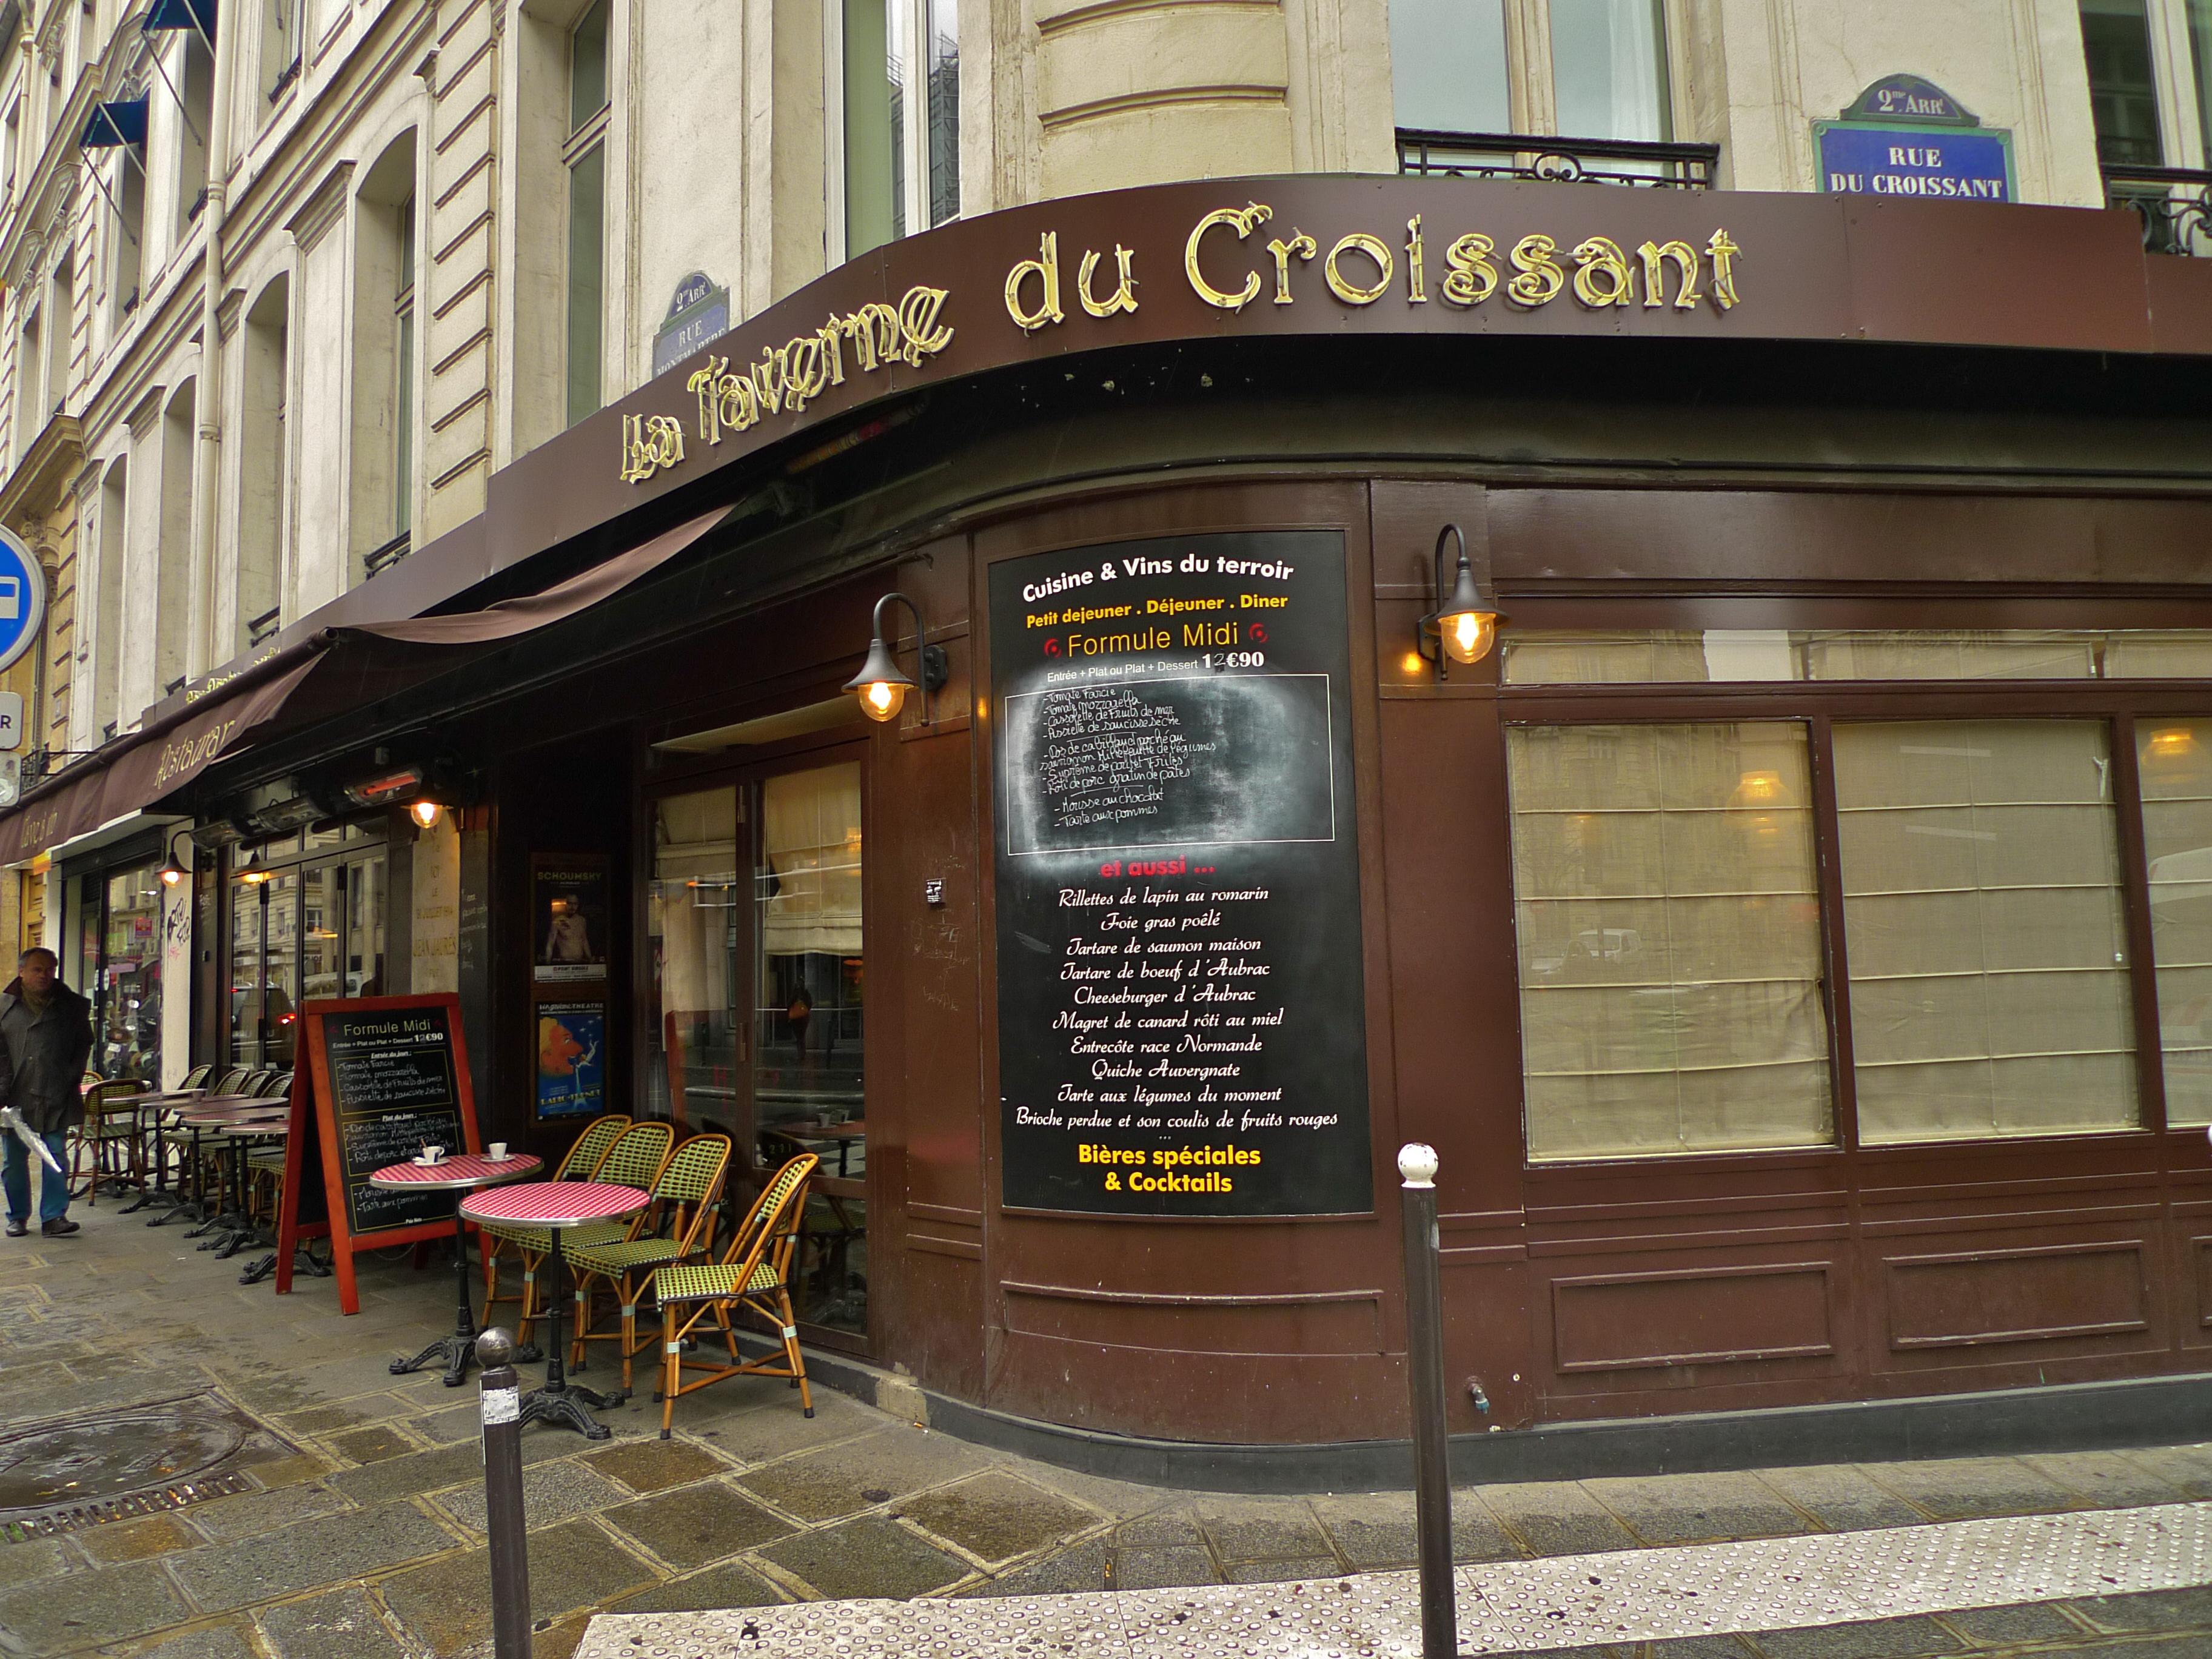 Jean Jaurès and the Café du Croissant | Soundlandscapes\' Blog